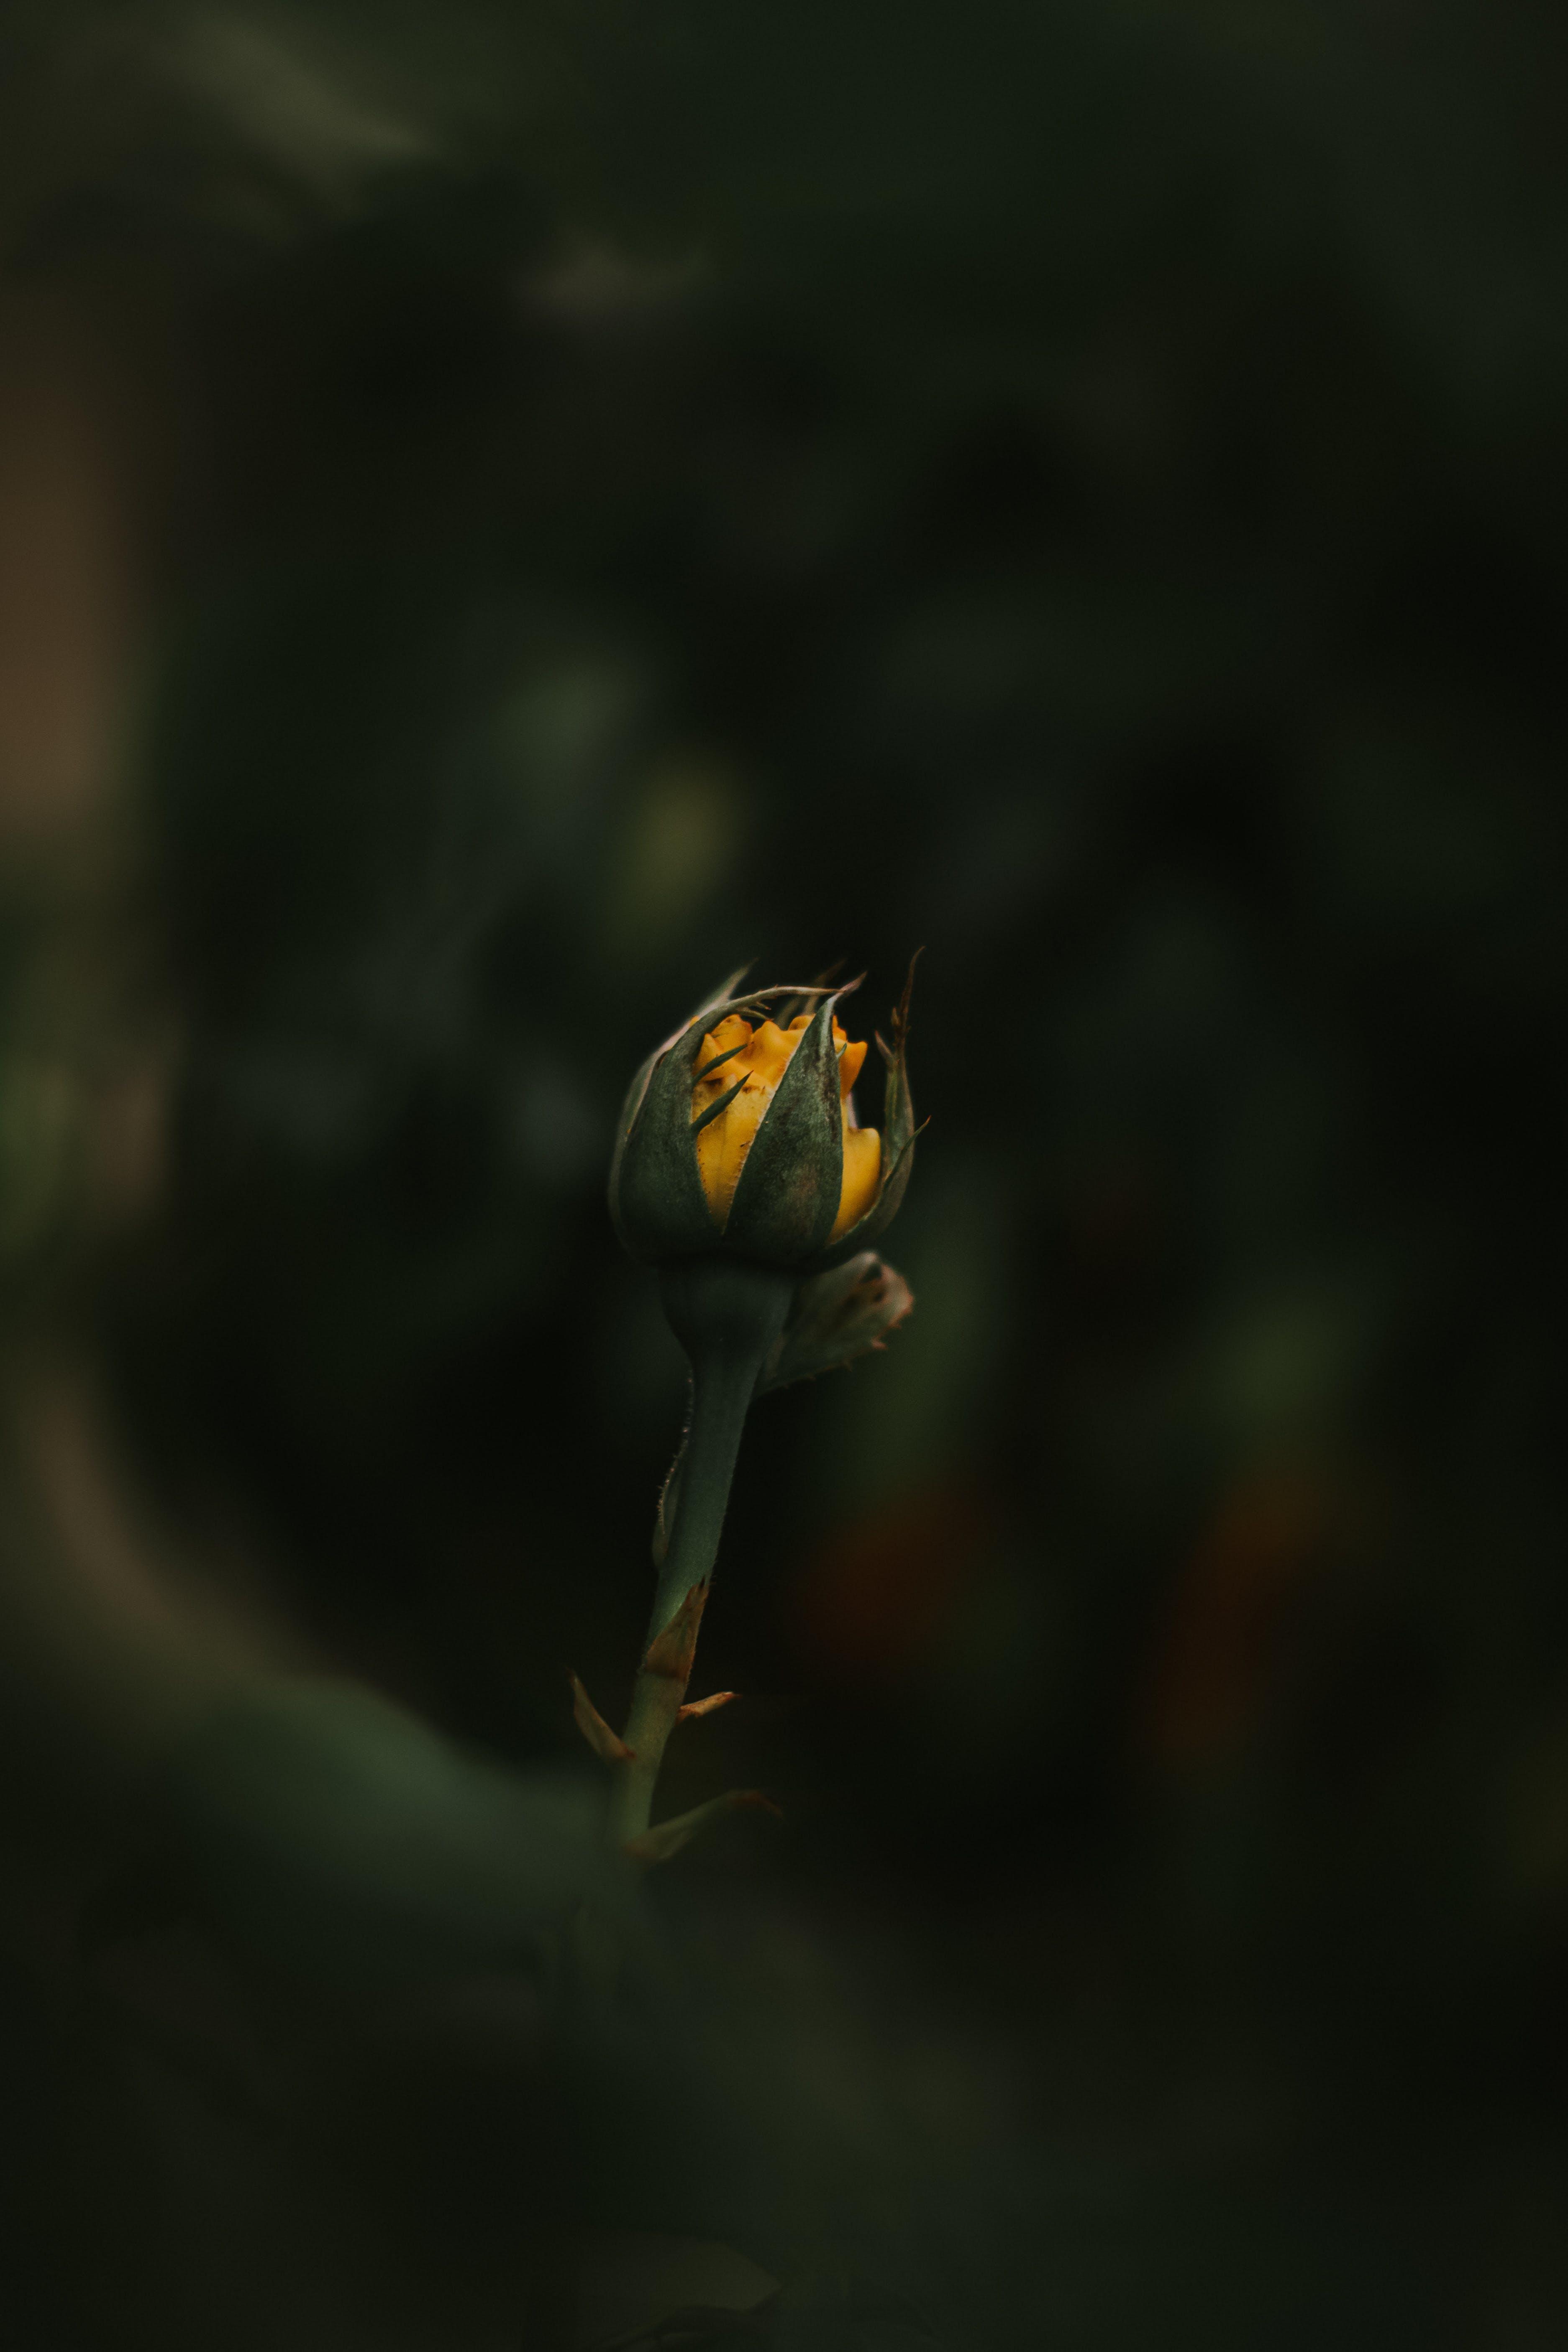 Darmowe zdjęcie z galerii z delikatny, flora, fotografia przyrodnicza, głębia pola